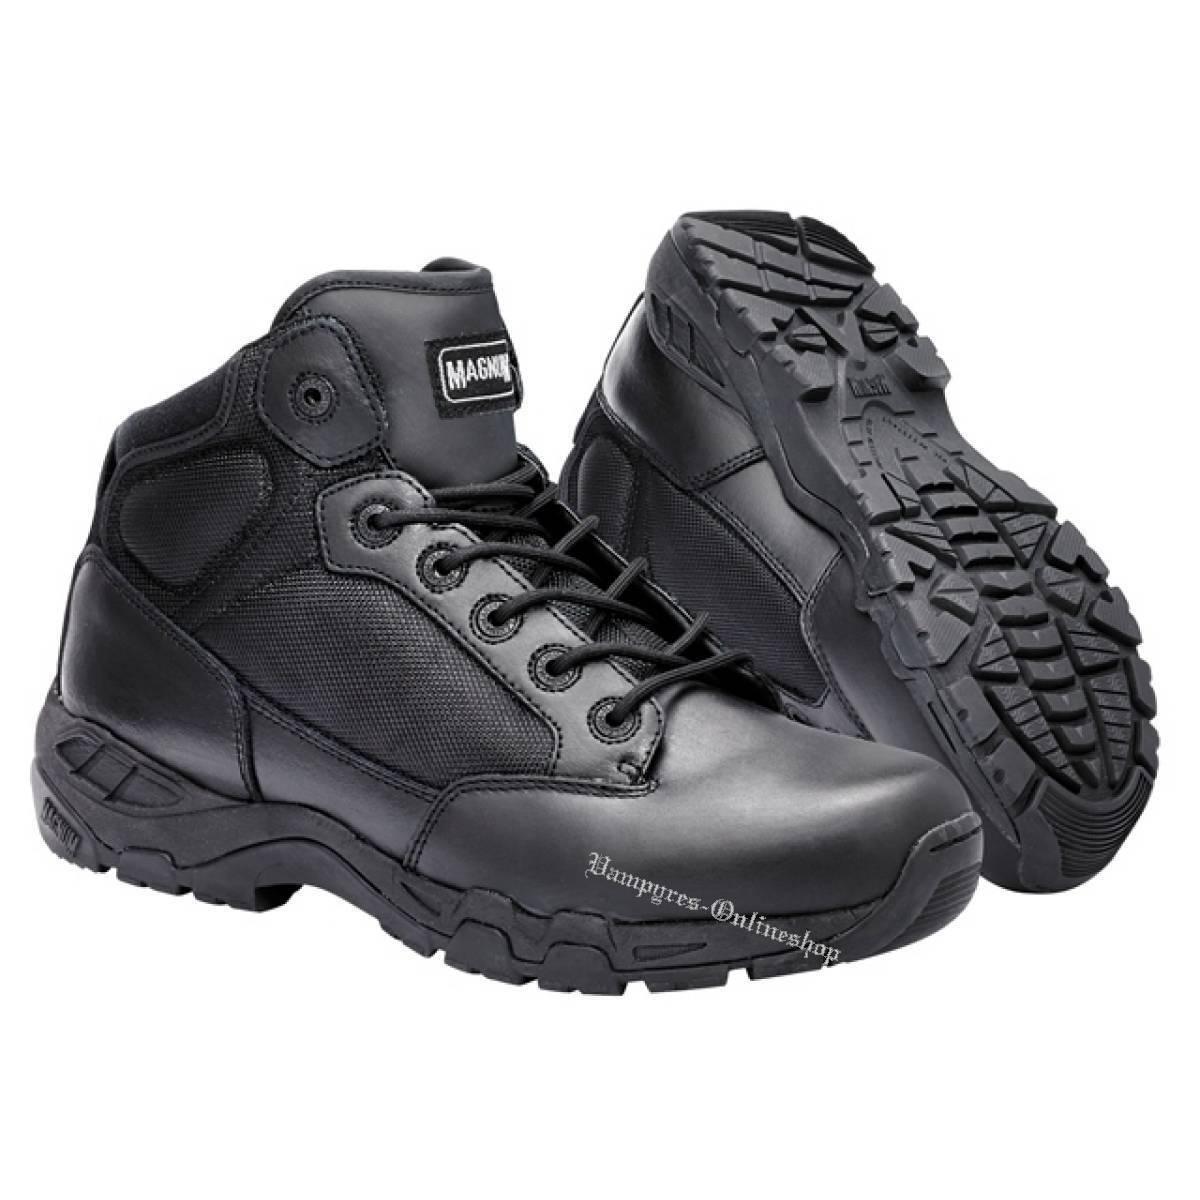 Magnum Viper Pro 5.0 WP Hi-Tec Boots Schwarz Stiefel Security HiTec Schuhe Black